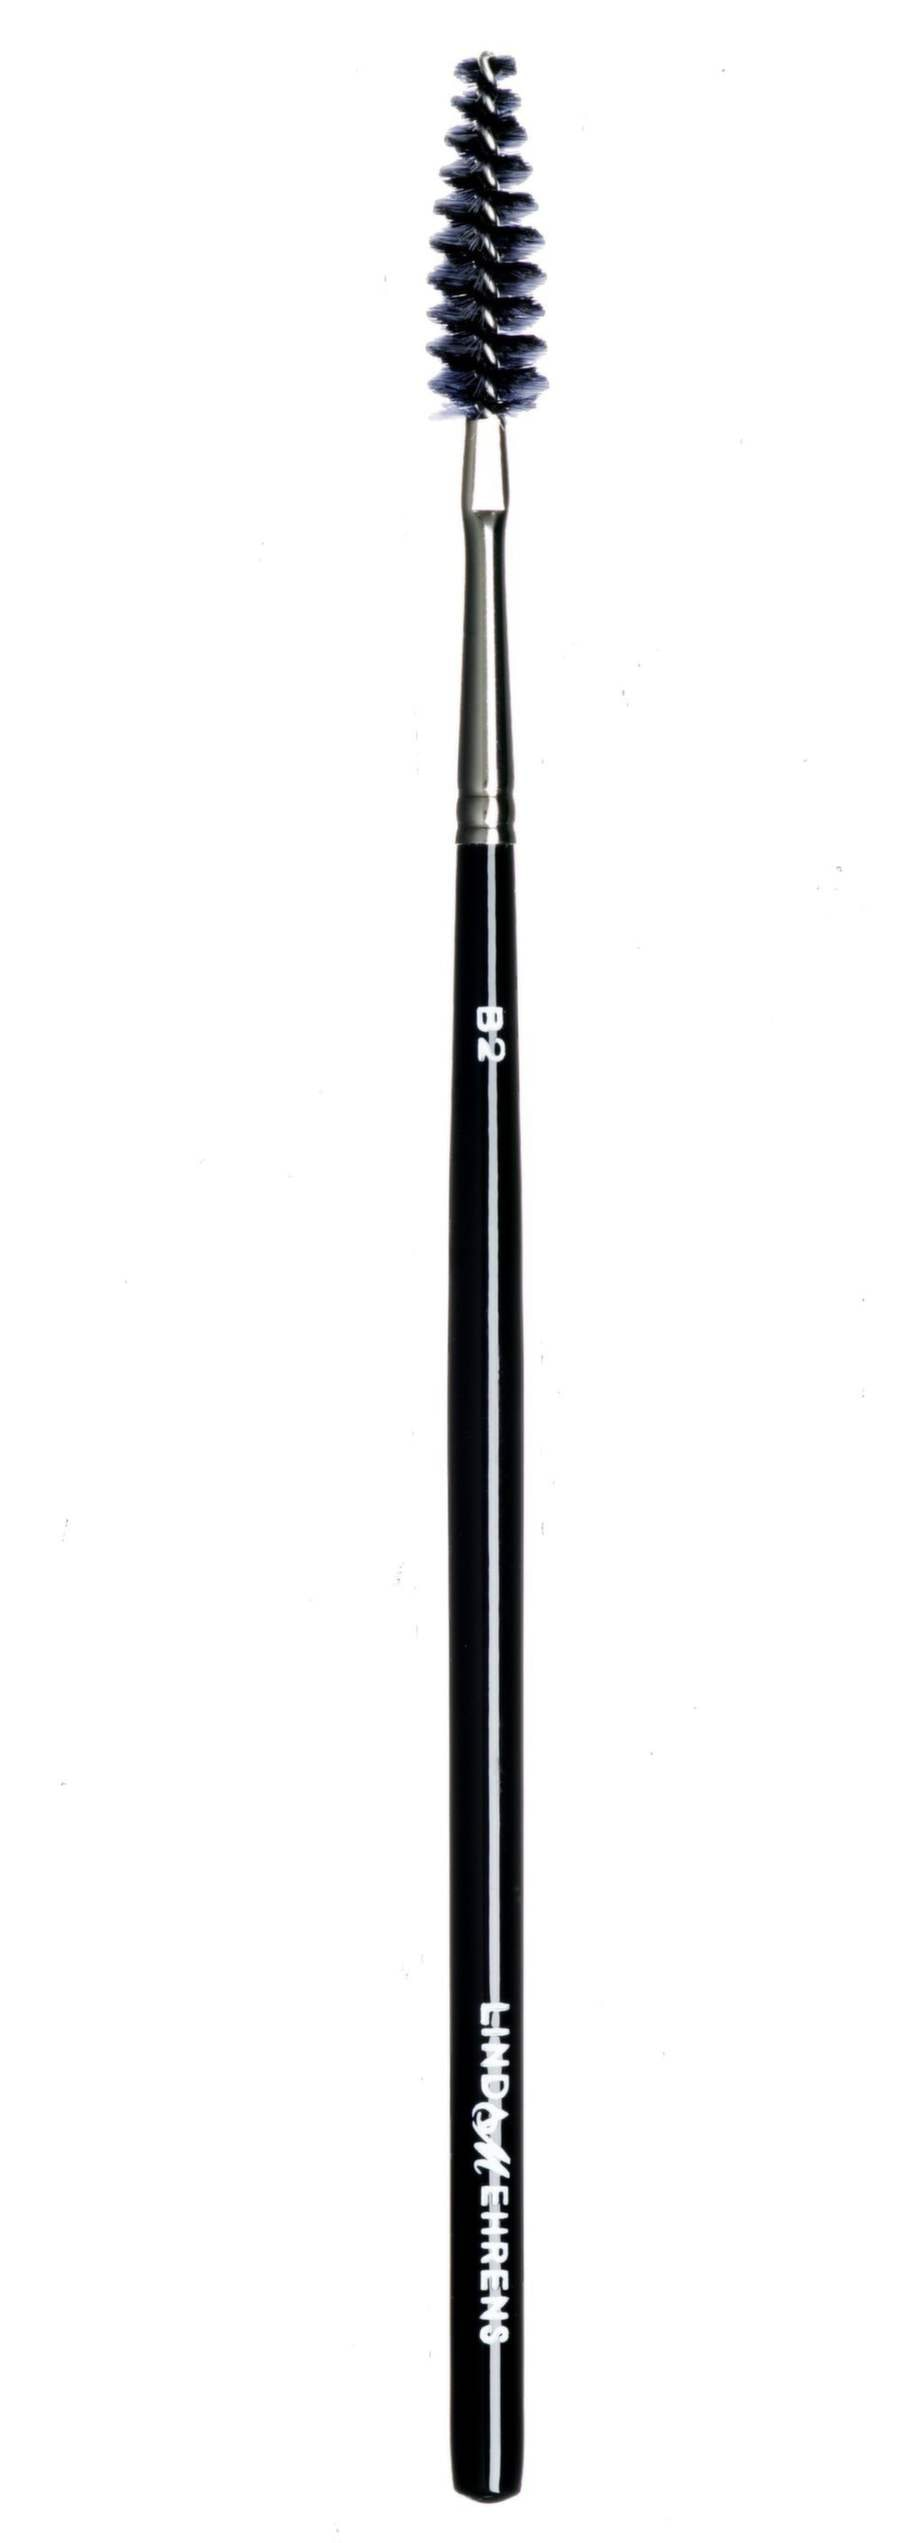 Dutta. Mascaraborste gör det lättare att dutta på mascara på ögonvråns inre fransar och på underfransarna, 375 kronor, www.lindamehrens.se.